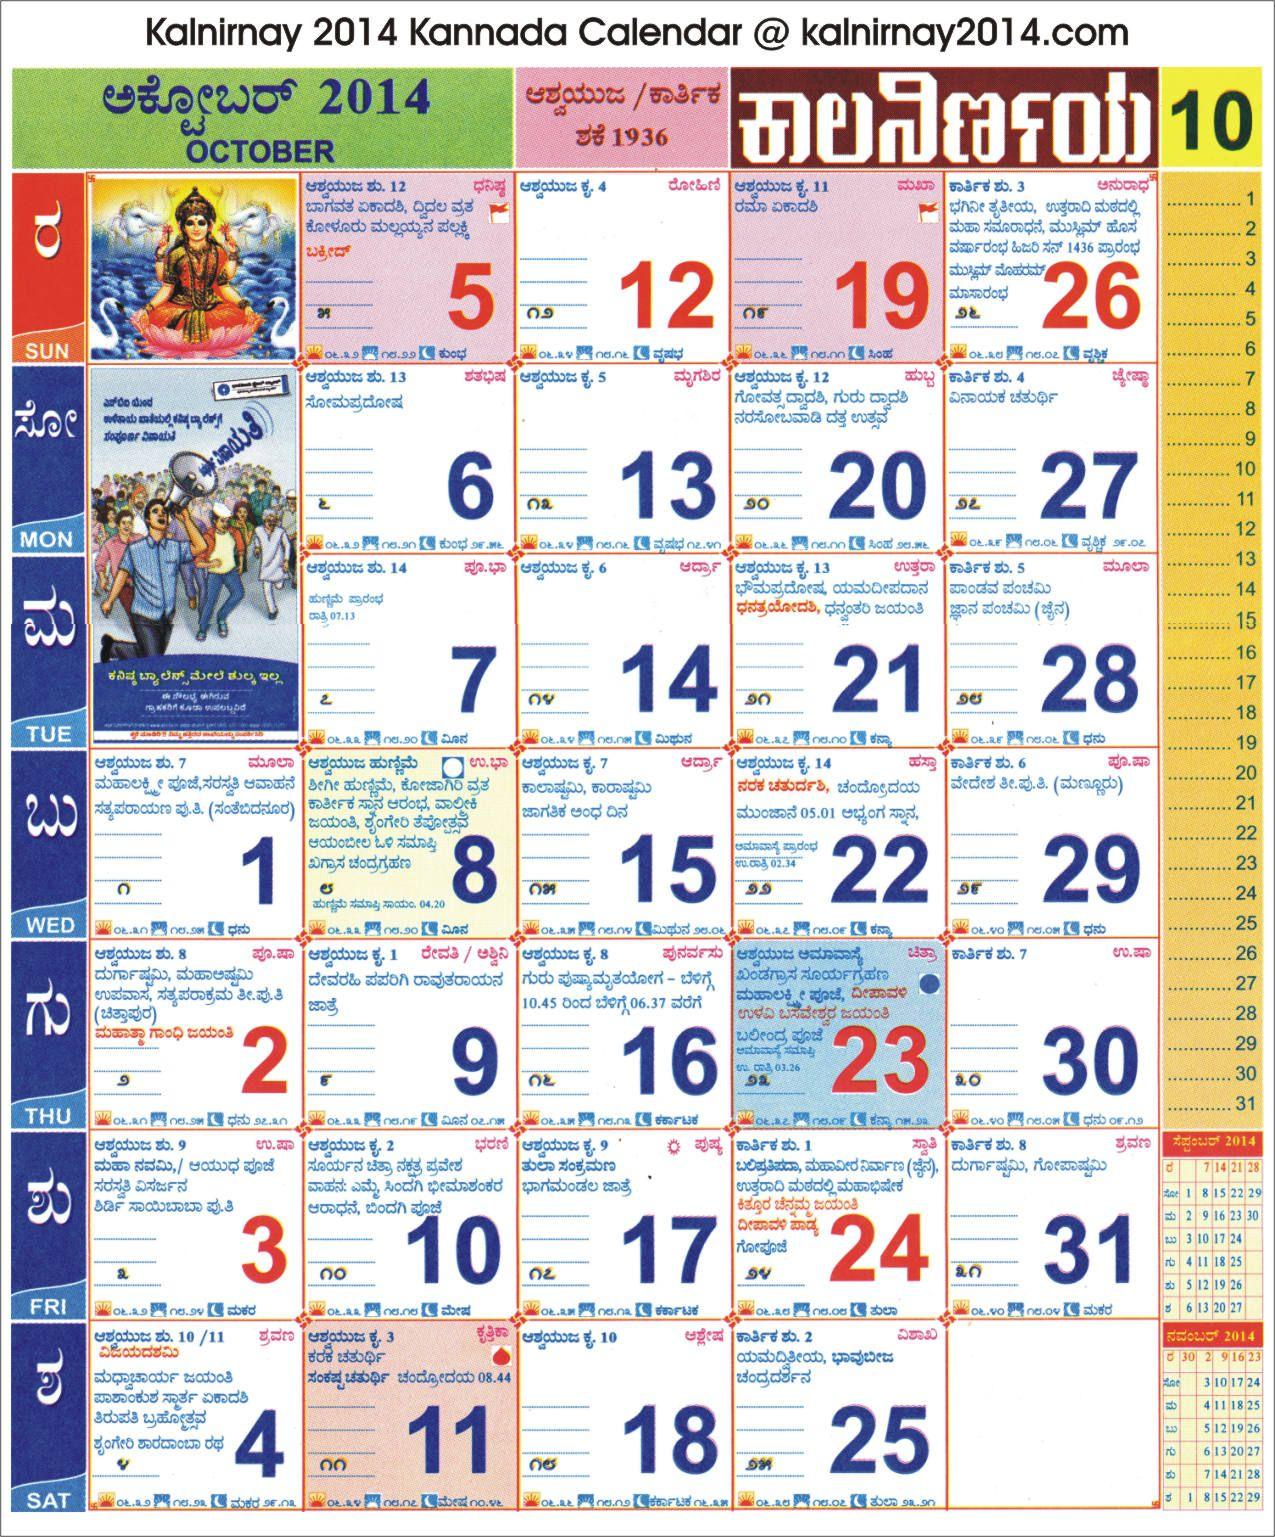 October 2014 Kannada Kalnirnay Calendar | Calendar, Website throughout Kannada Calendar 2020 August